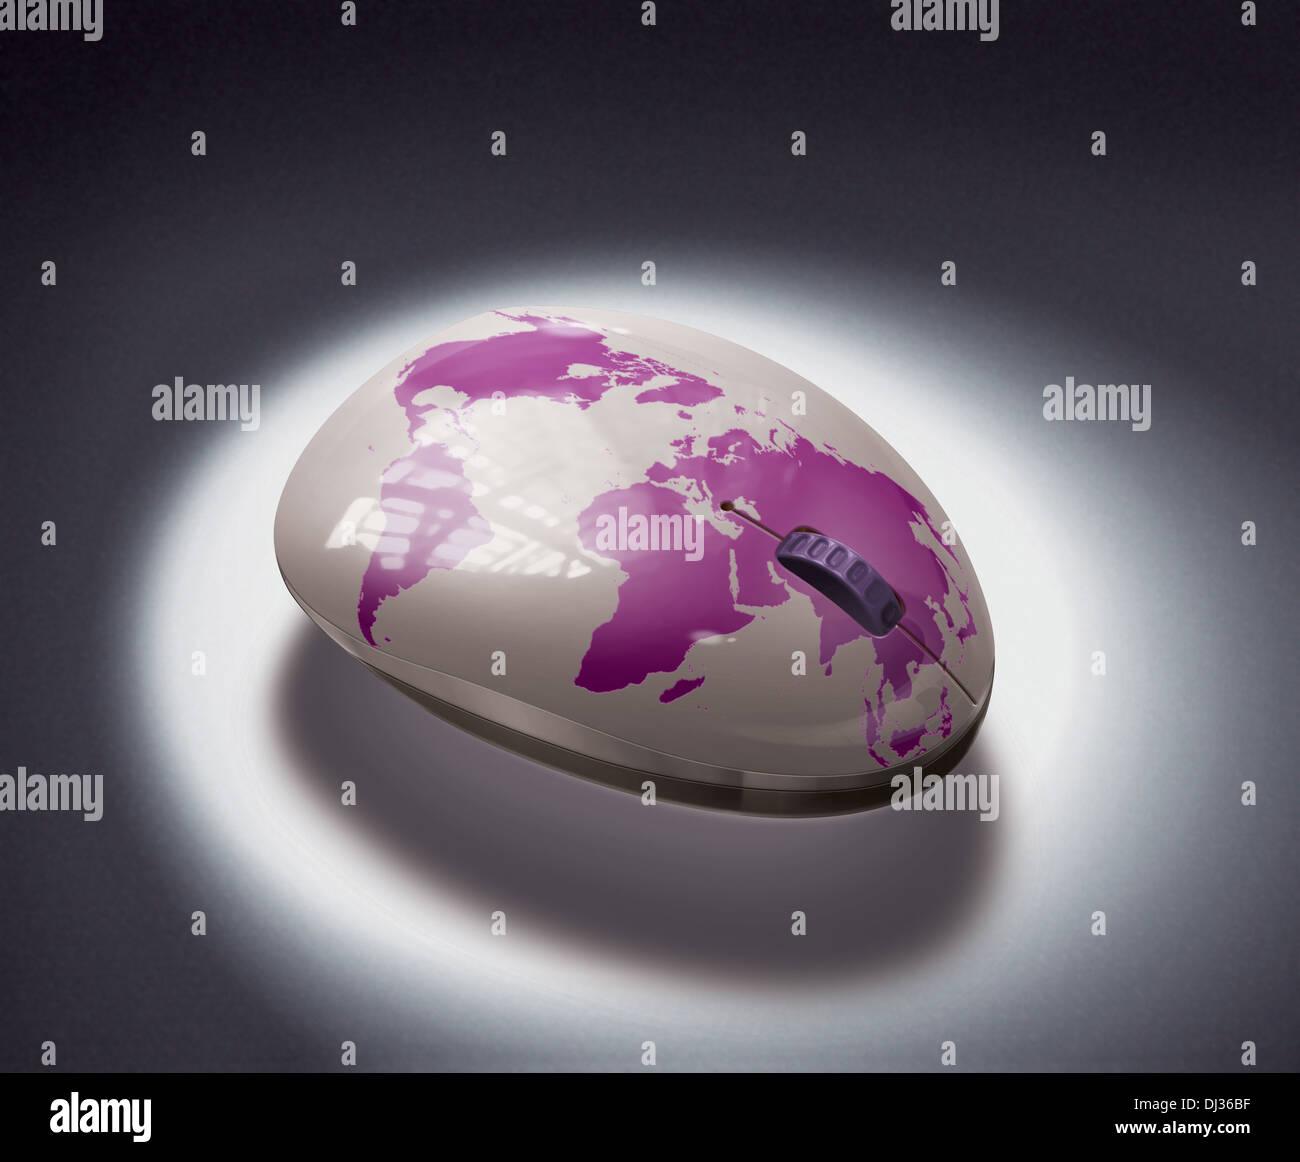 Immagine illustrativa del mouse con globo che rappresenta la globalizzazione Immagini Stock